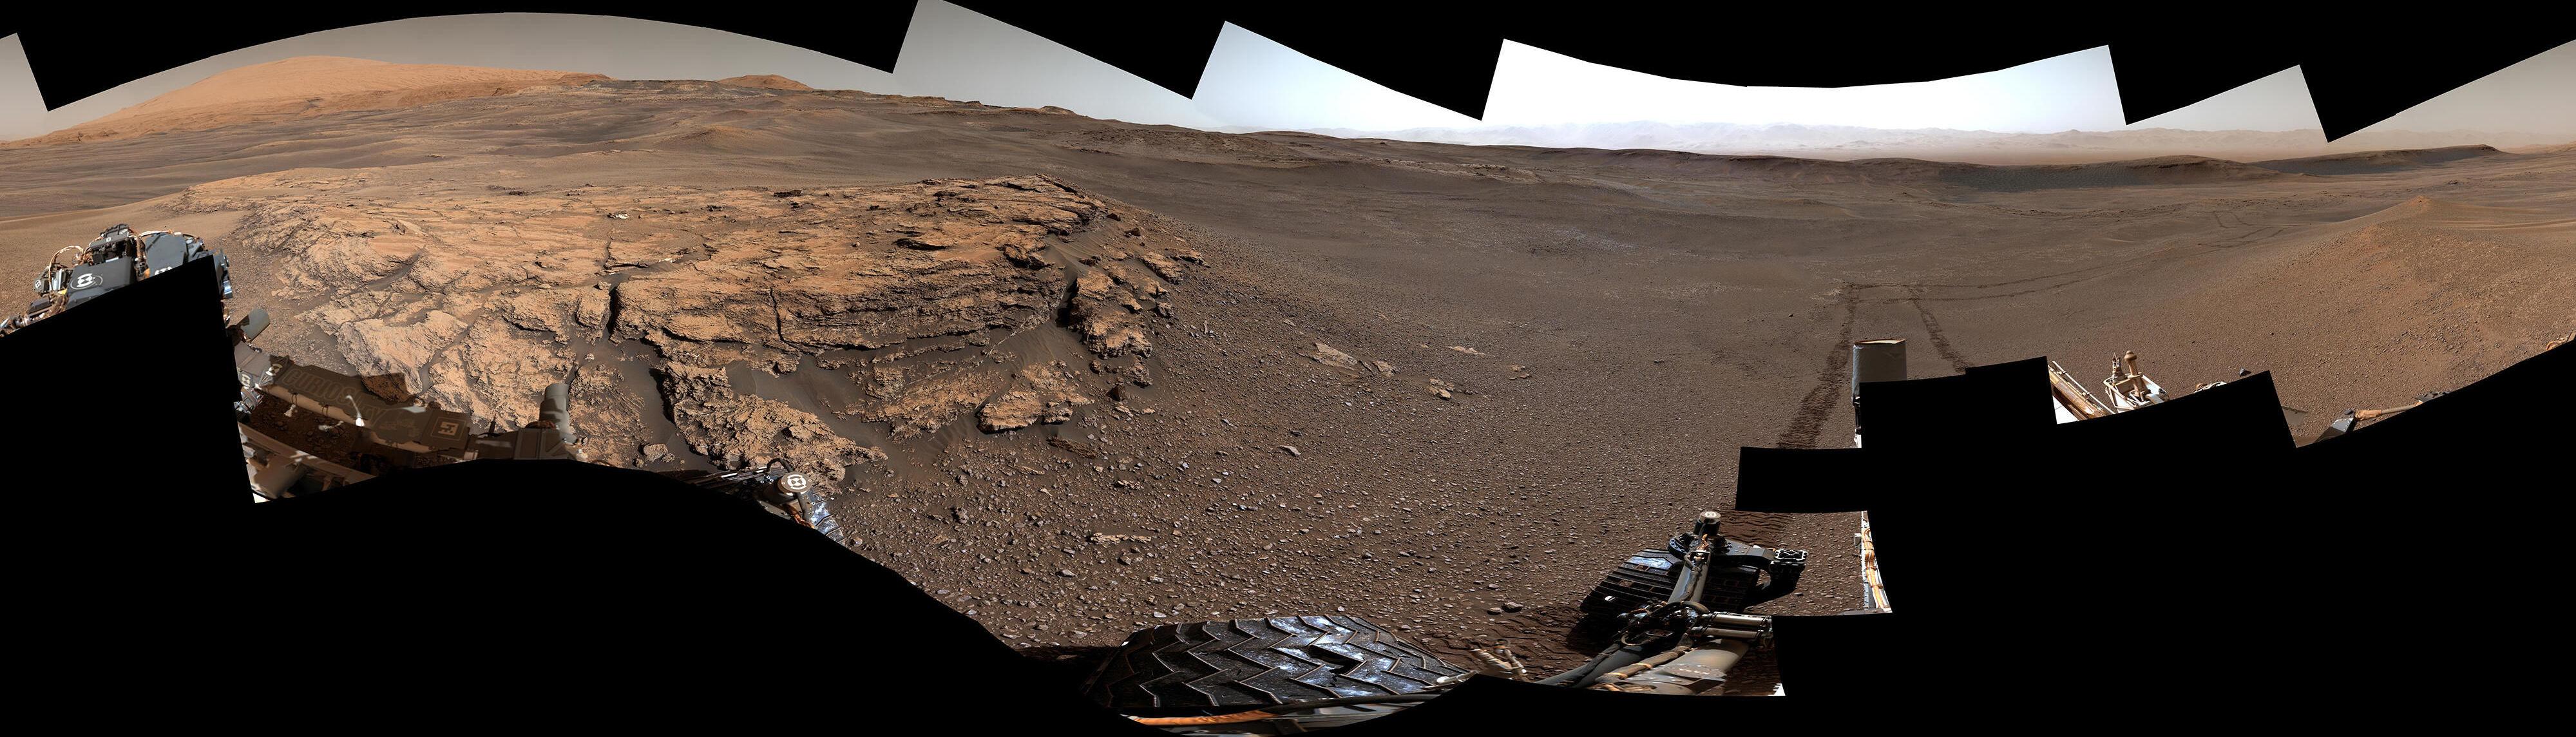 Foto de depósitos de argila descobertos pelo rover Curiosity nas encostas do Monte Sharpe, na cratera de Gale